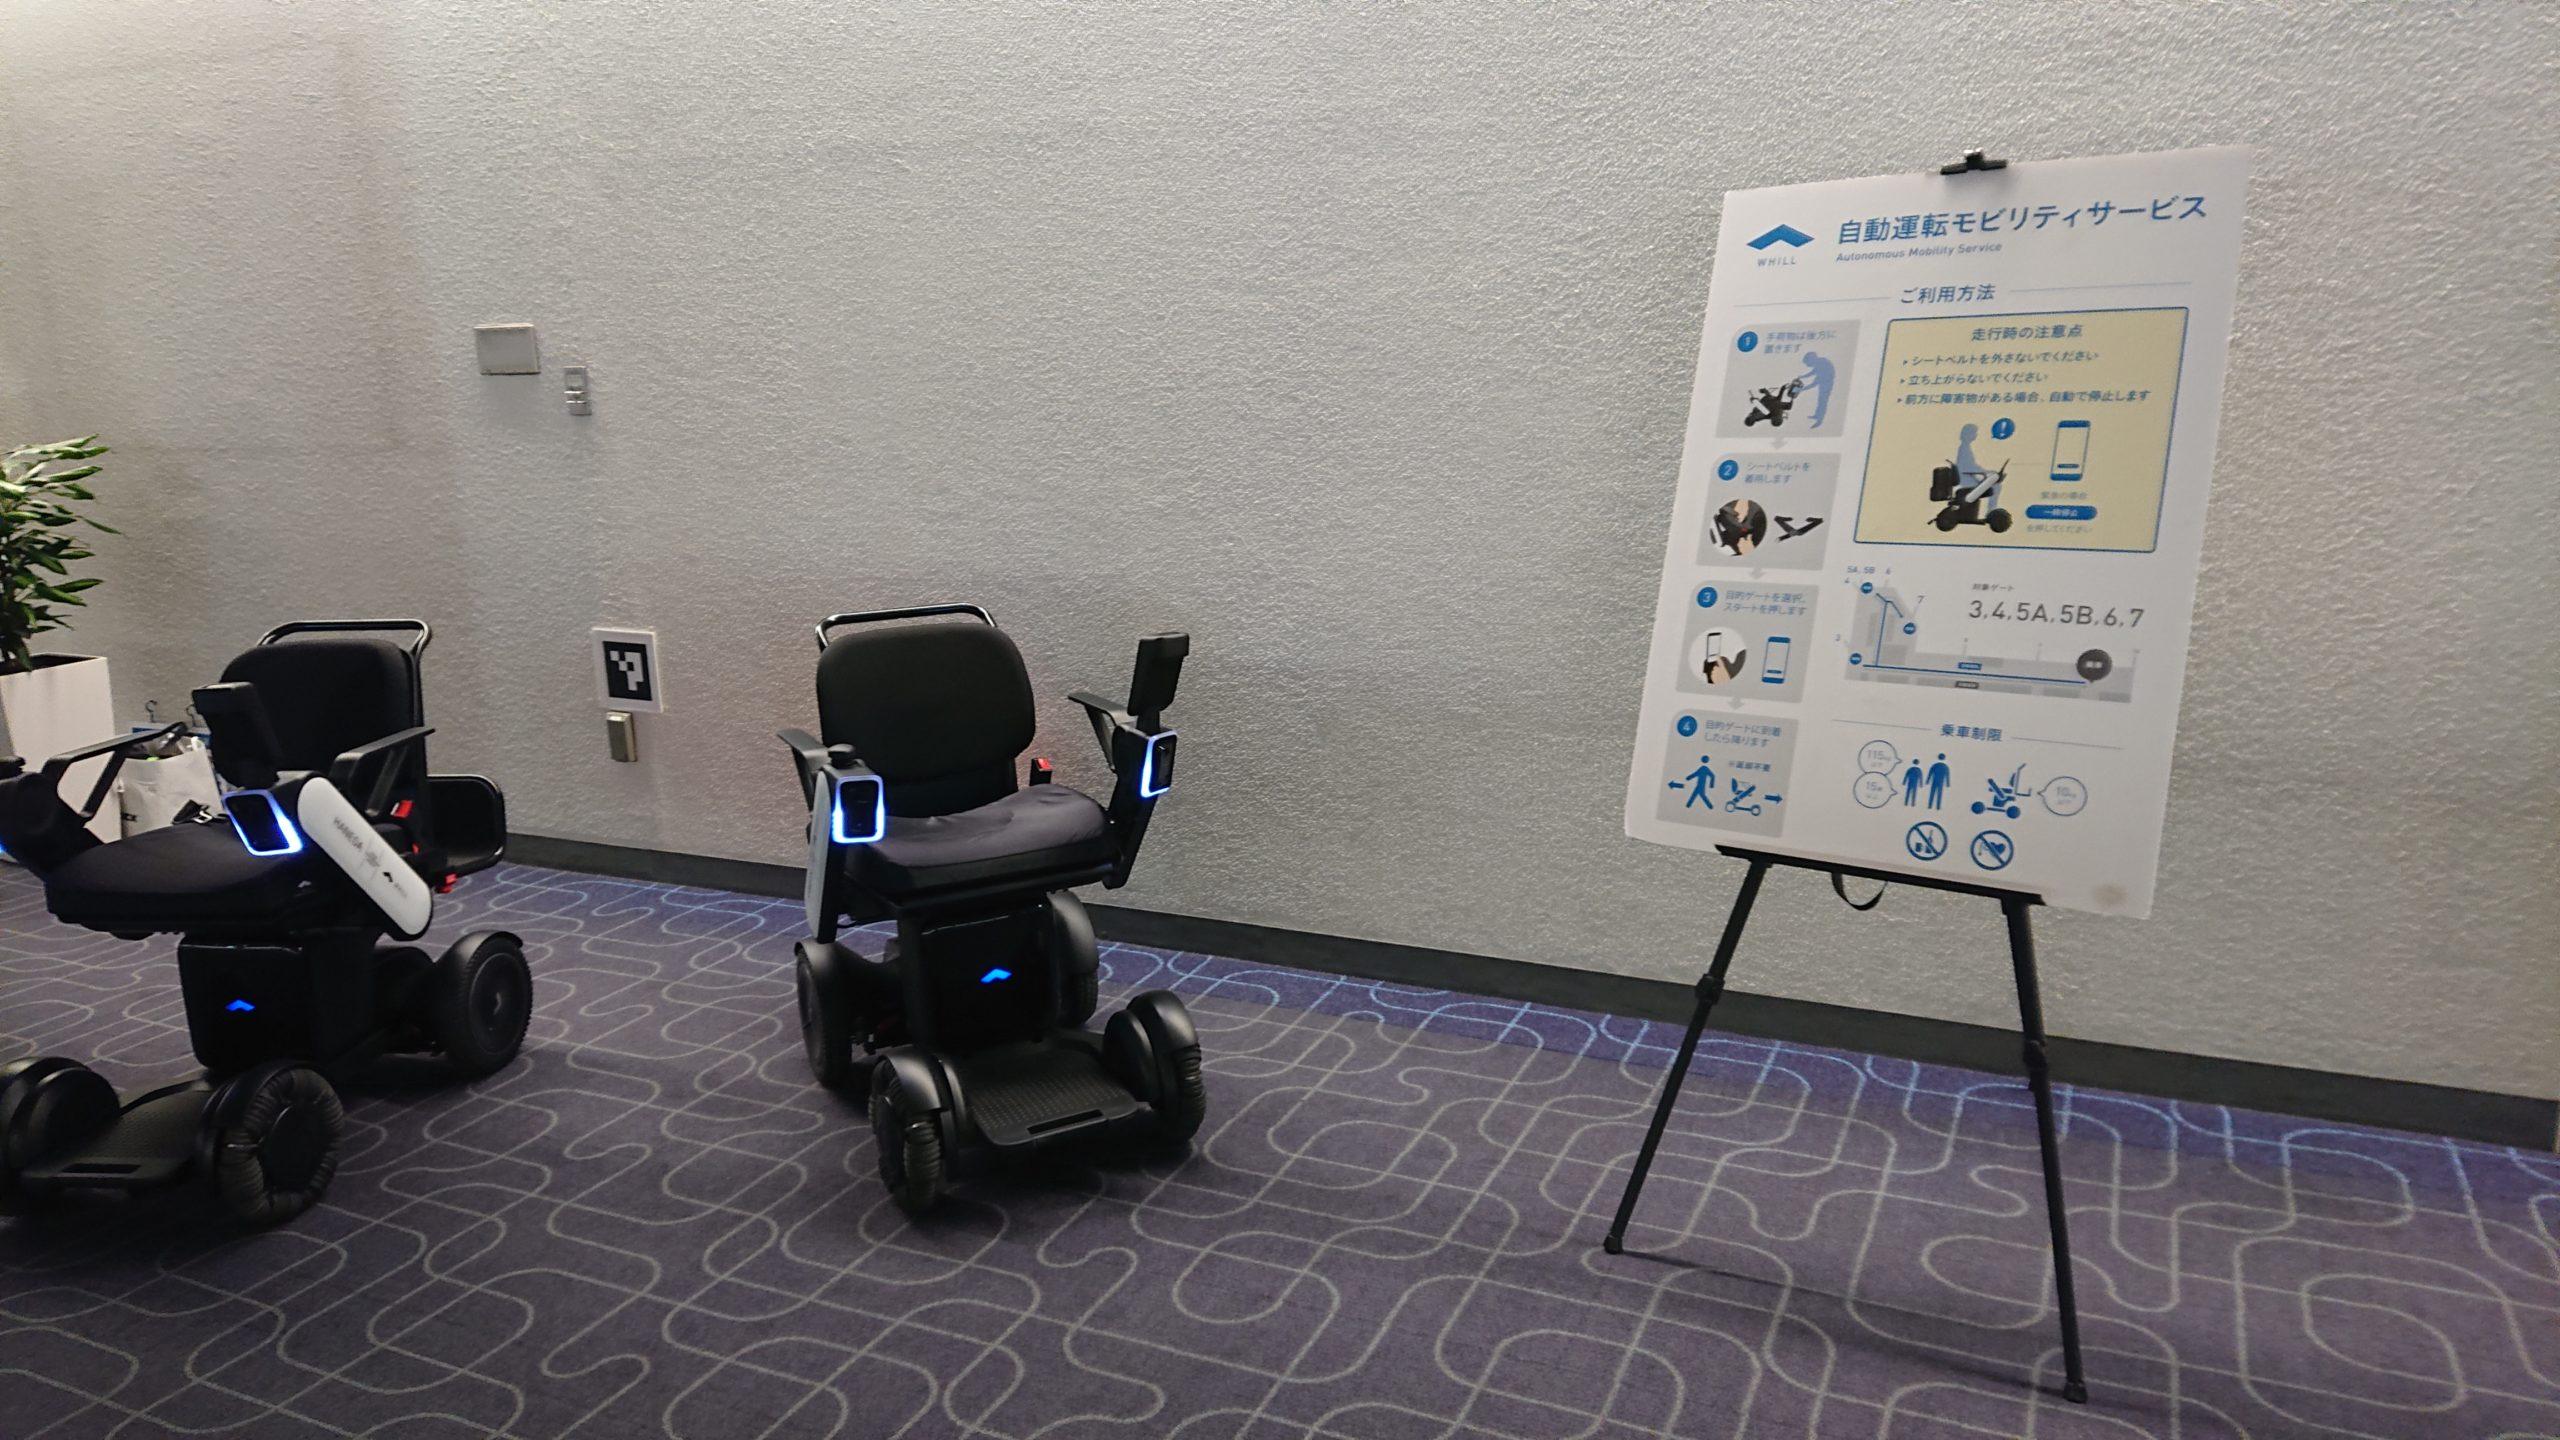 羽田空港第一ターミナル内の自動運転パーソナルモビリティ